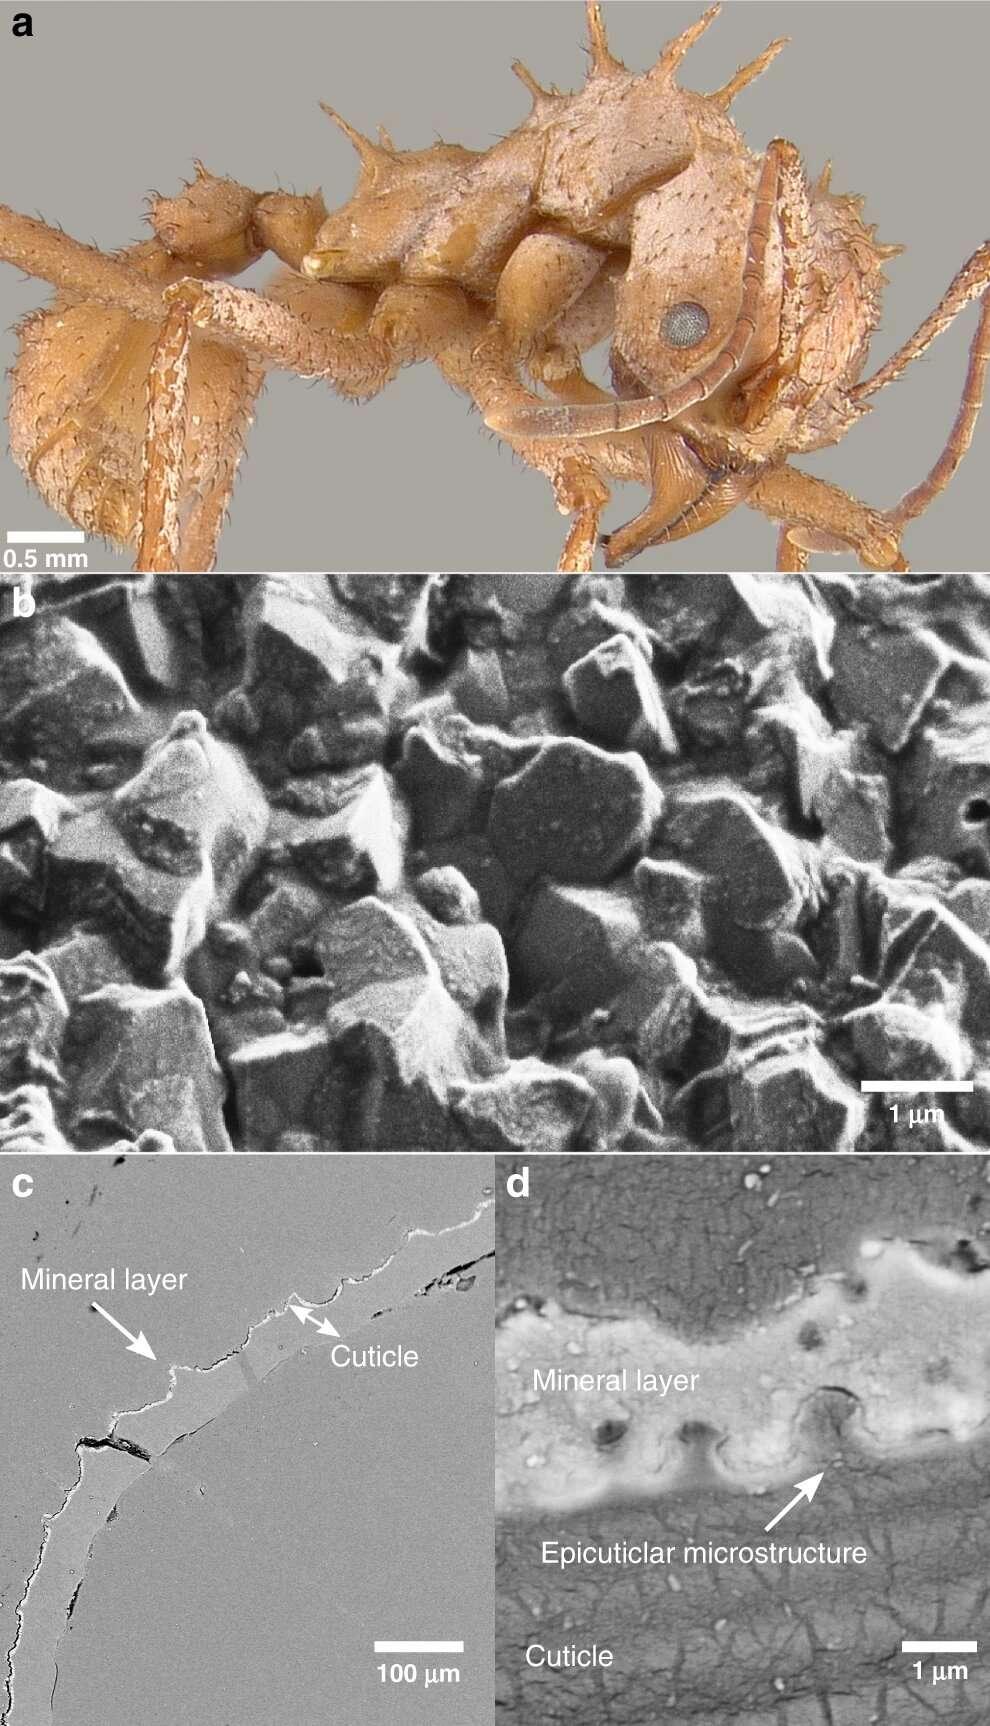 En A/ un spécimen de Ac. echinatior où l'on aperçoit la couche biominérale. B/ C/ D/ La cuticule de l'insecte avec la couche biominérale observée au microscope électronique. © Hongjie Li et al. Nature Communications